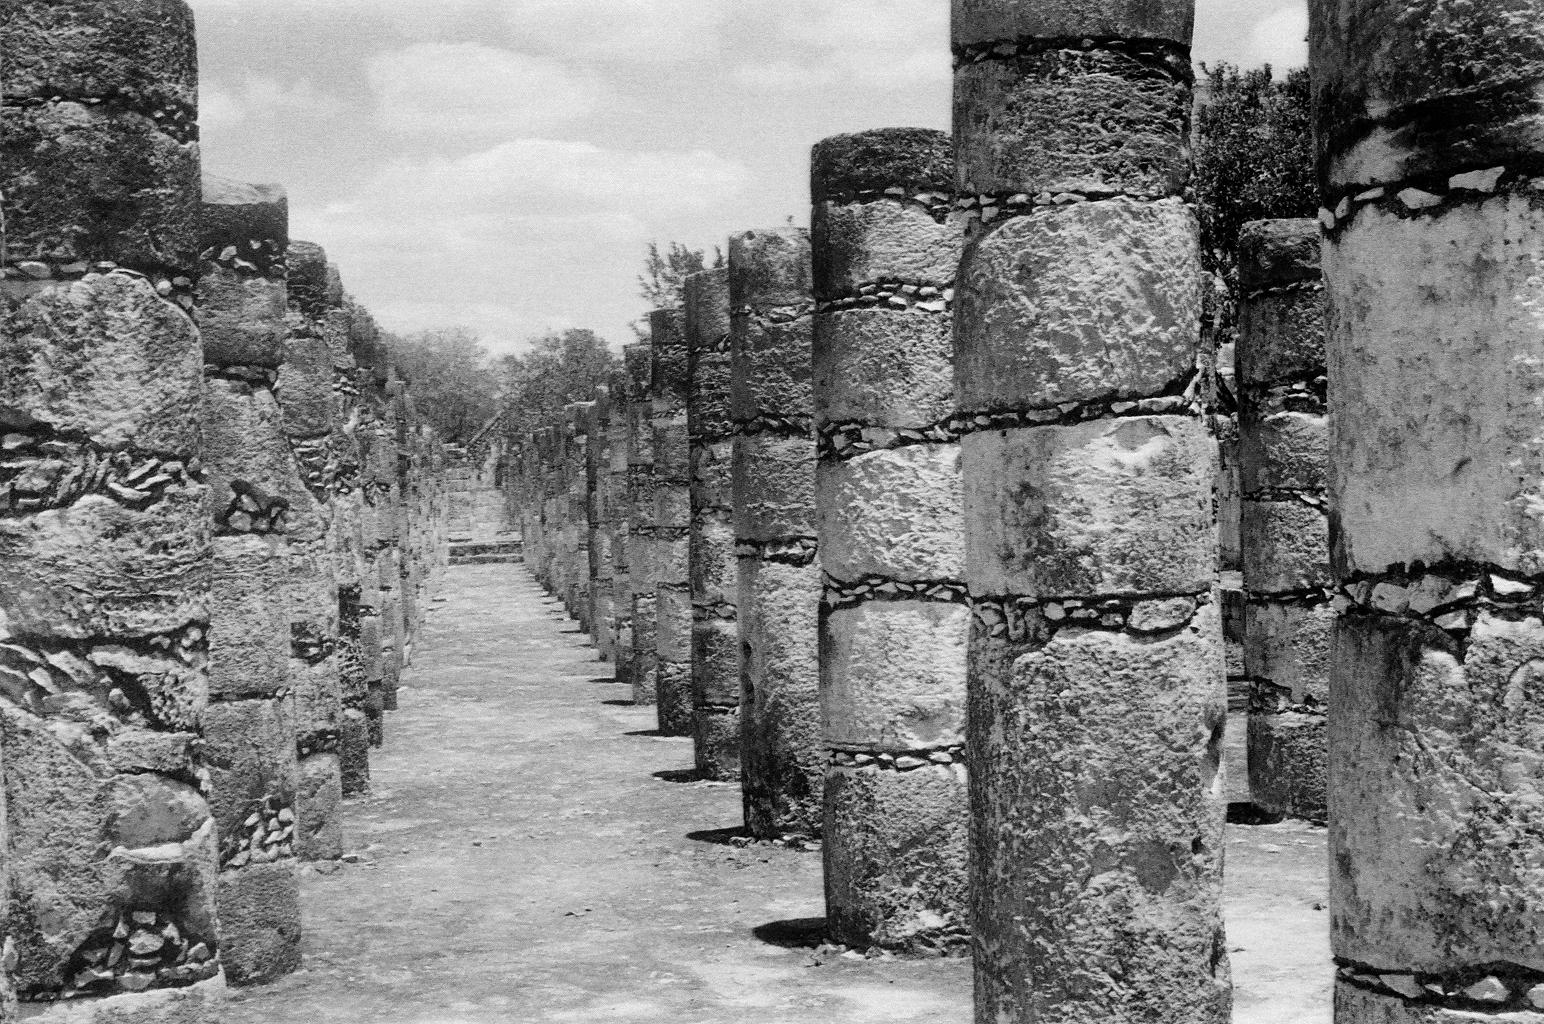 Chichen Itza, Mexico, 2012